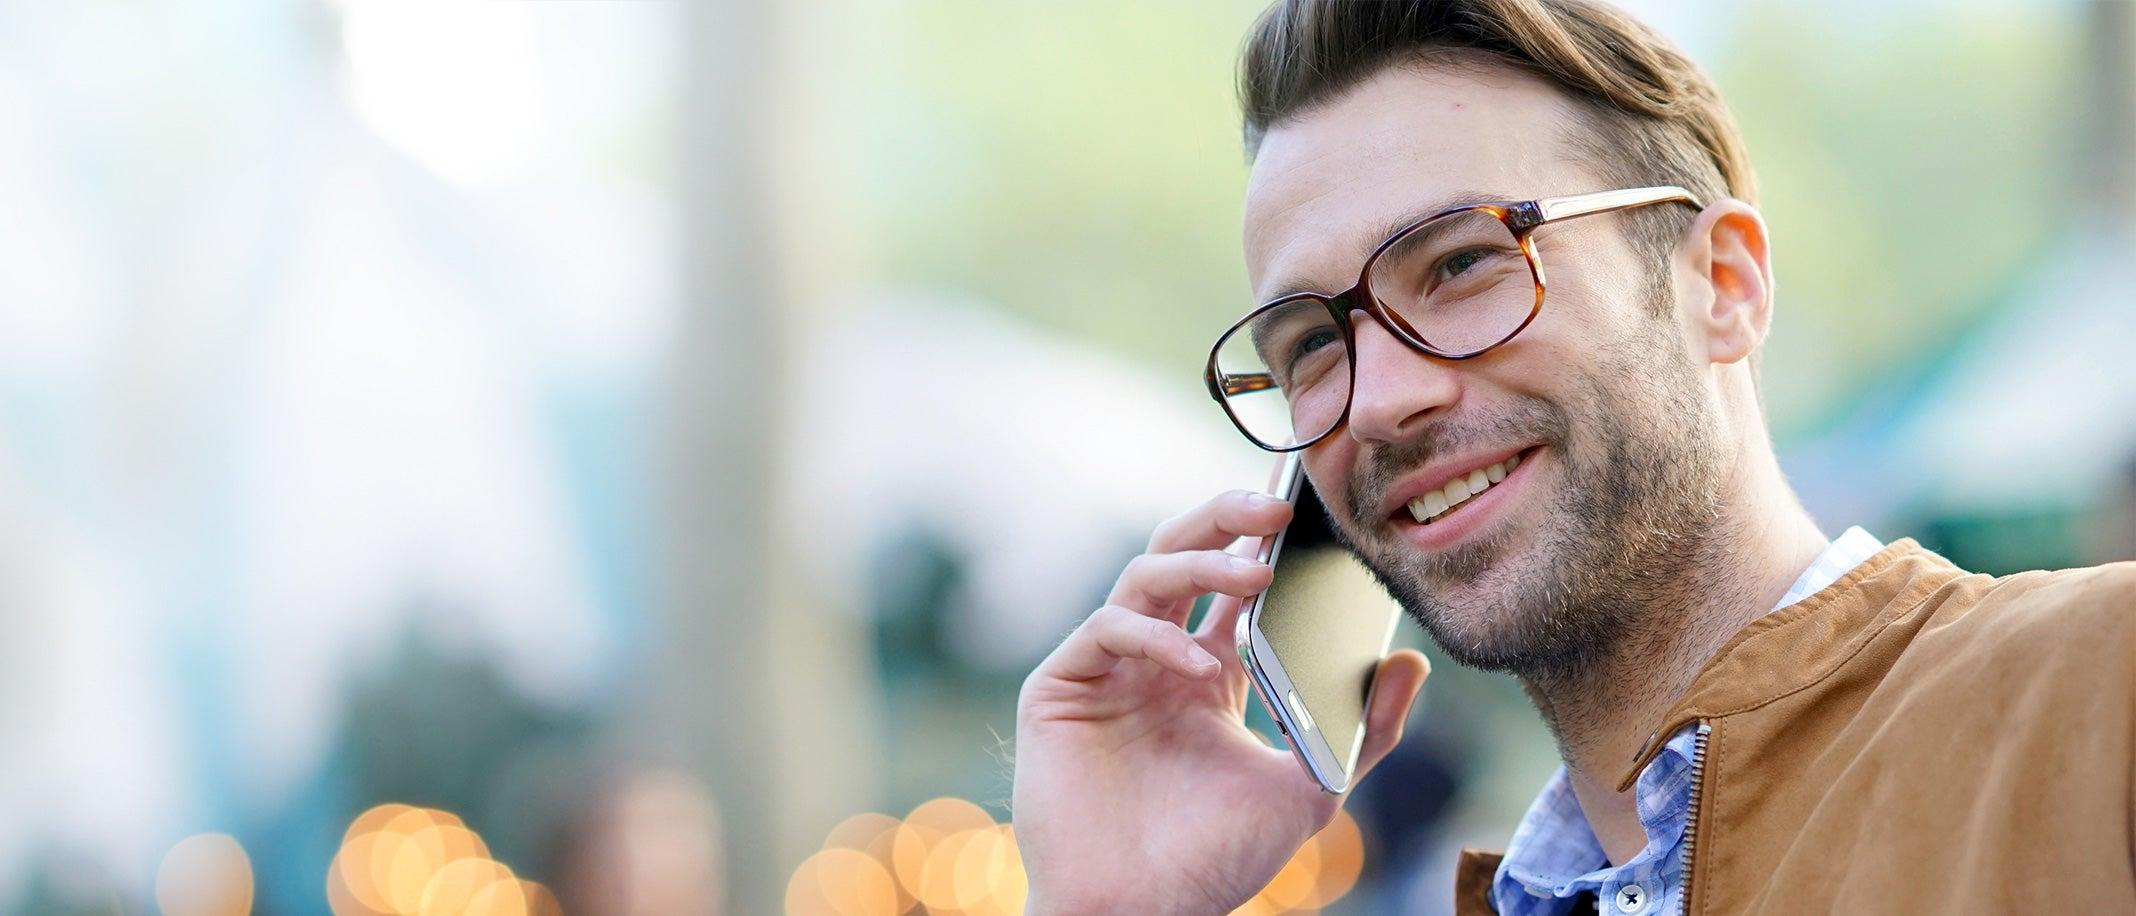 Lässiger Mann telefoniert mit dem Smartphone